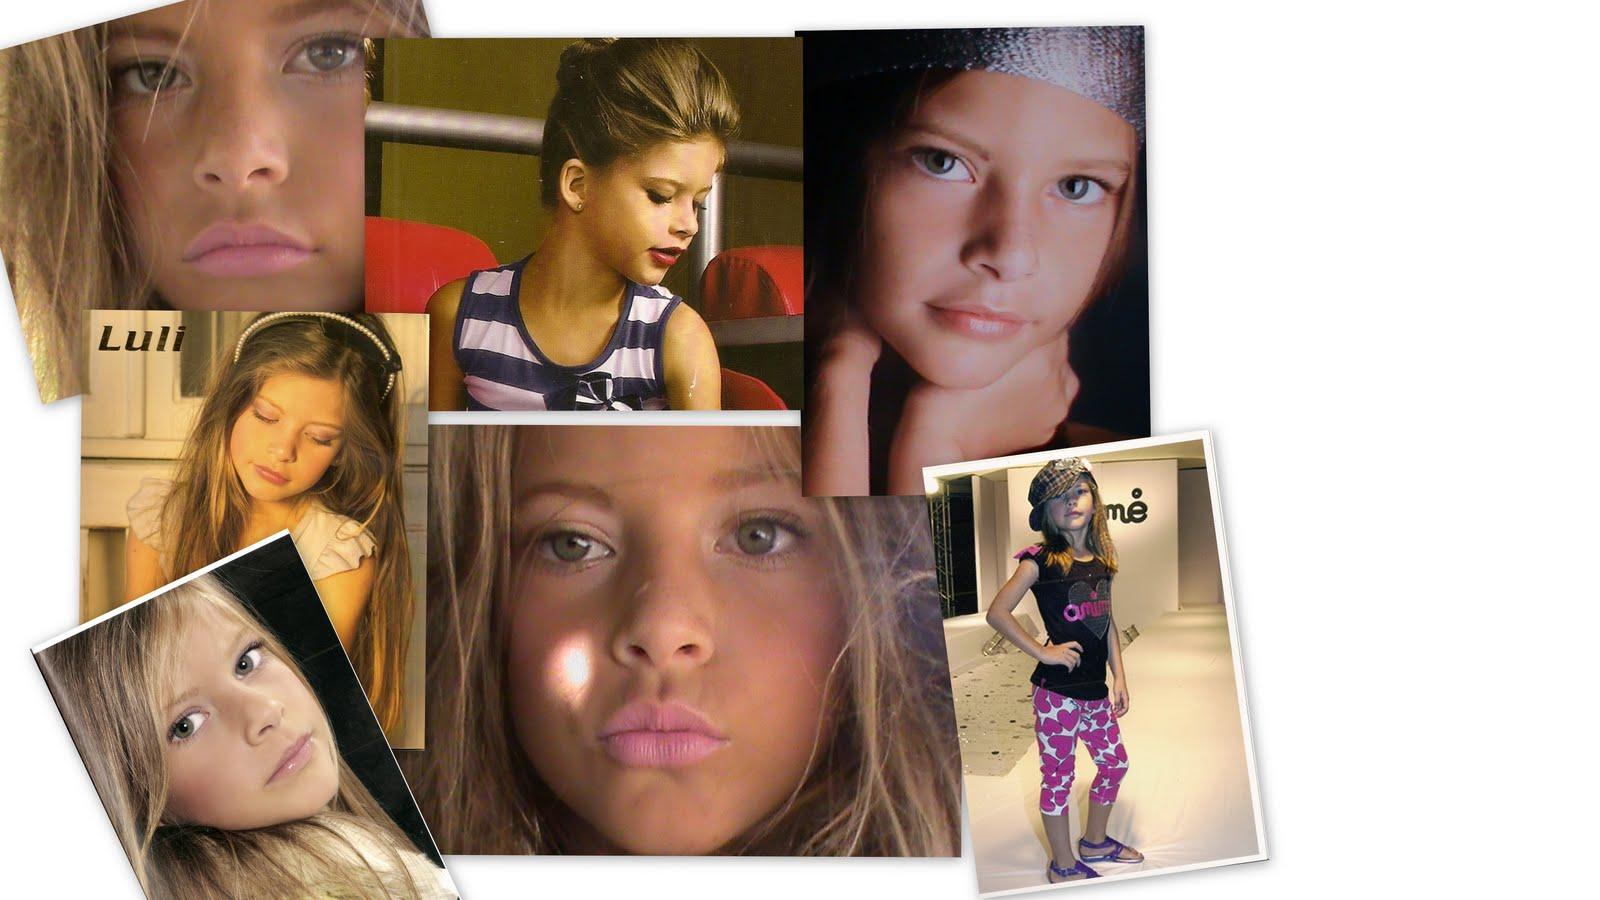 http://3.bp.blogspot.com/-ShLGrYPGKFs/TclTg8KT5XI/AAAAAAAAADY/sQcT5QSoeOU/s1600/Lara+Fabian.jpg